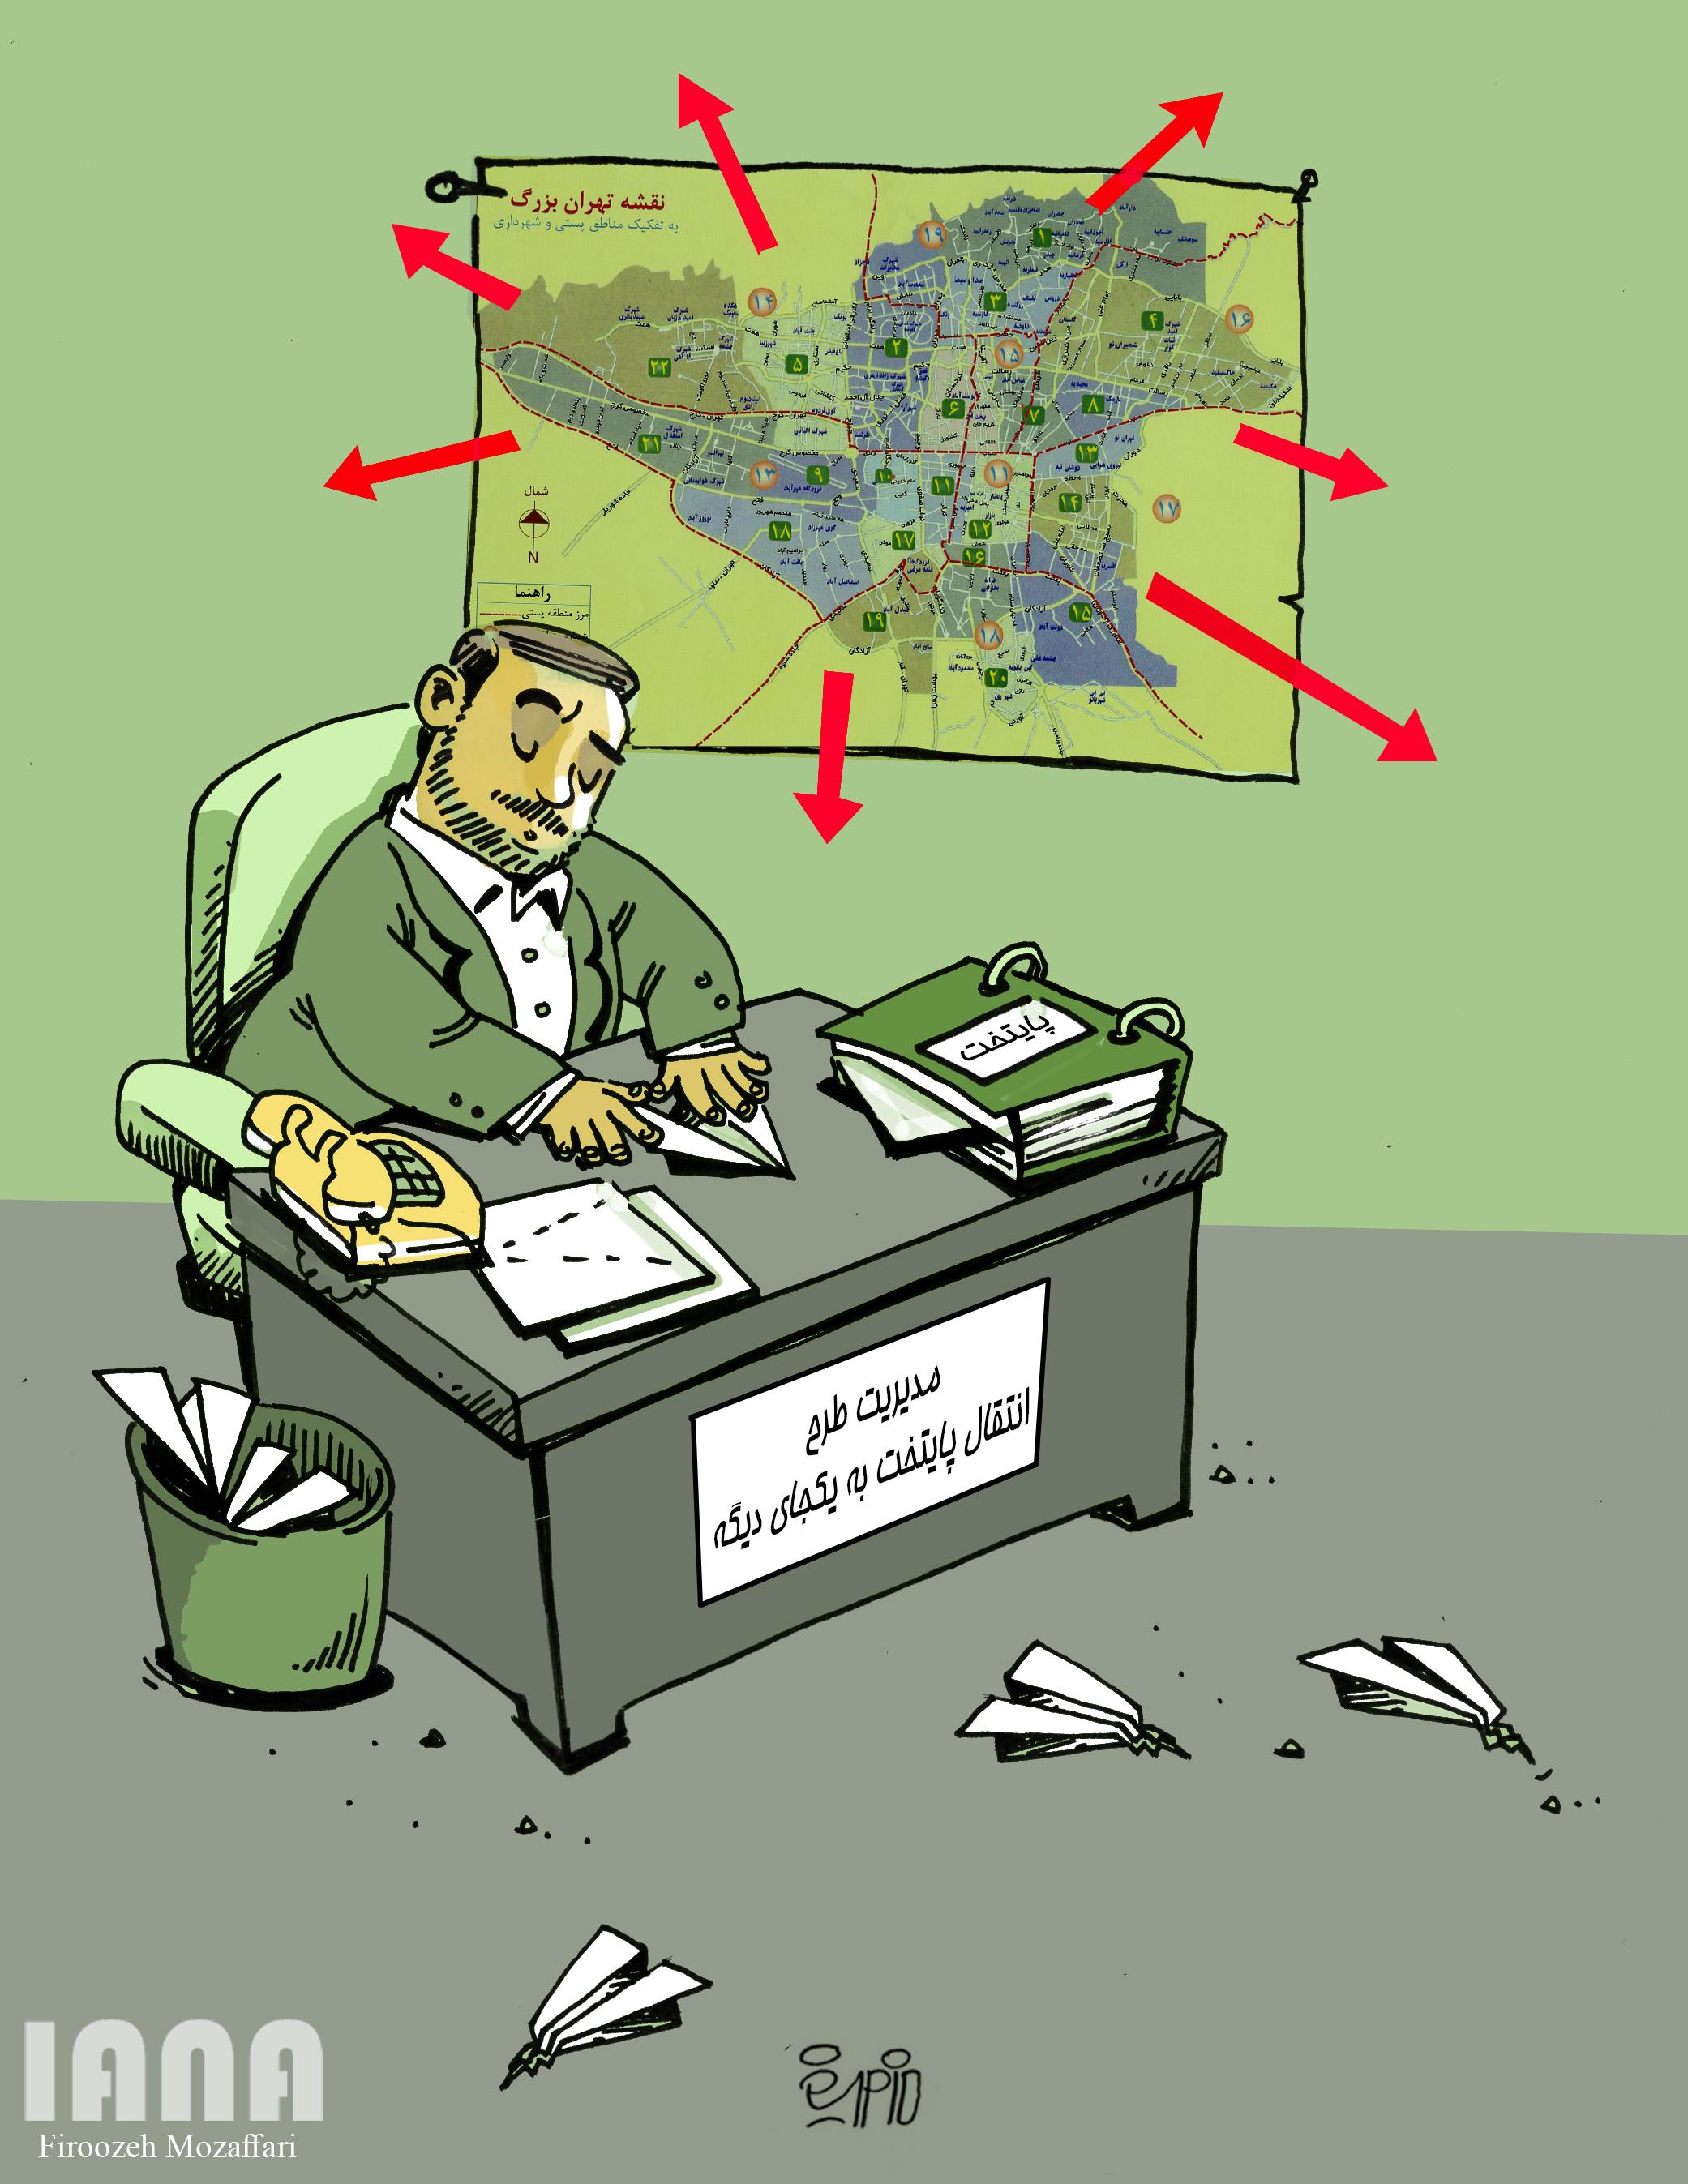 طرح انتقال پایتخت ،طرحی به روی کاغذ -کارتون فیروزه مظفری